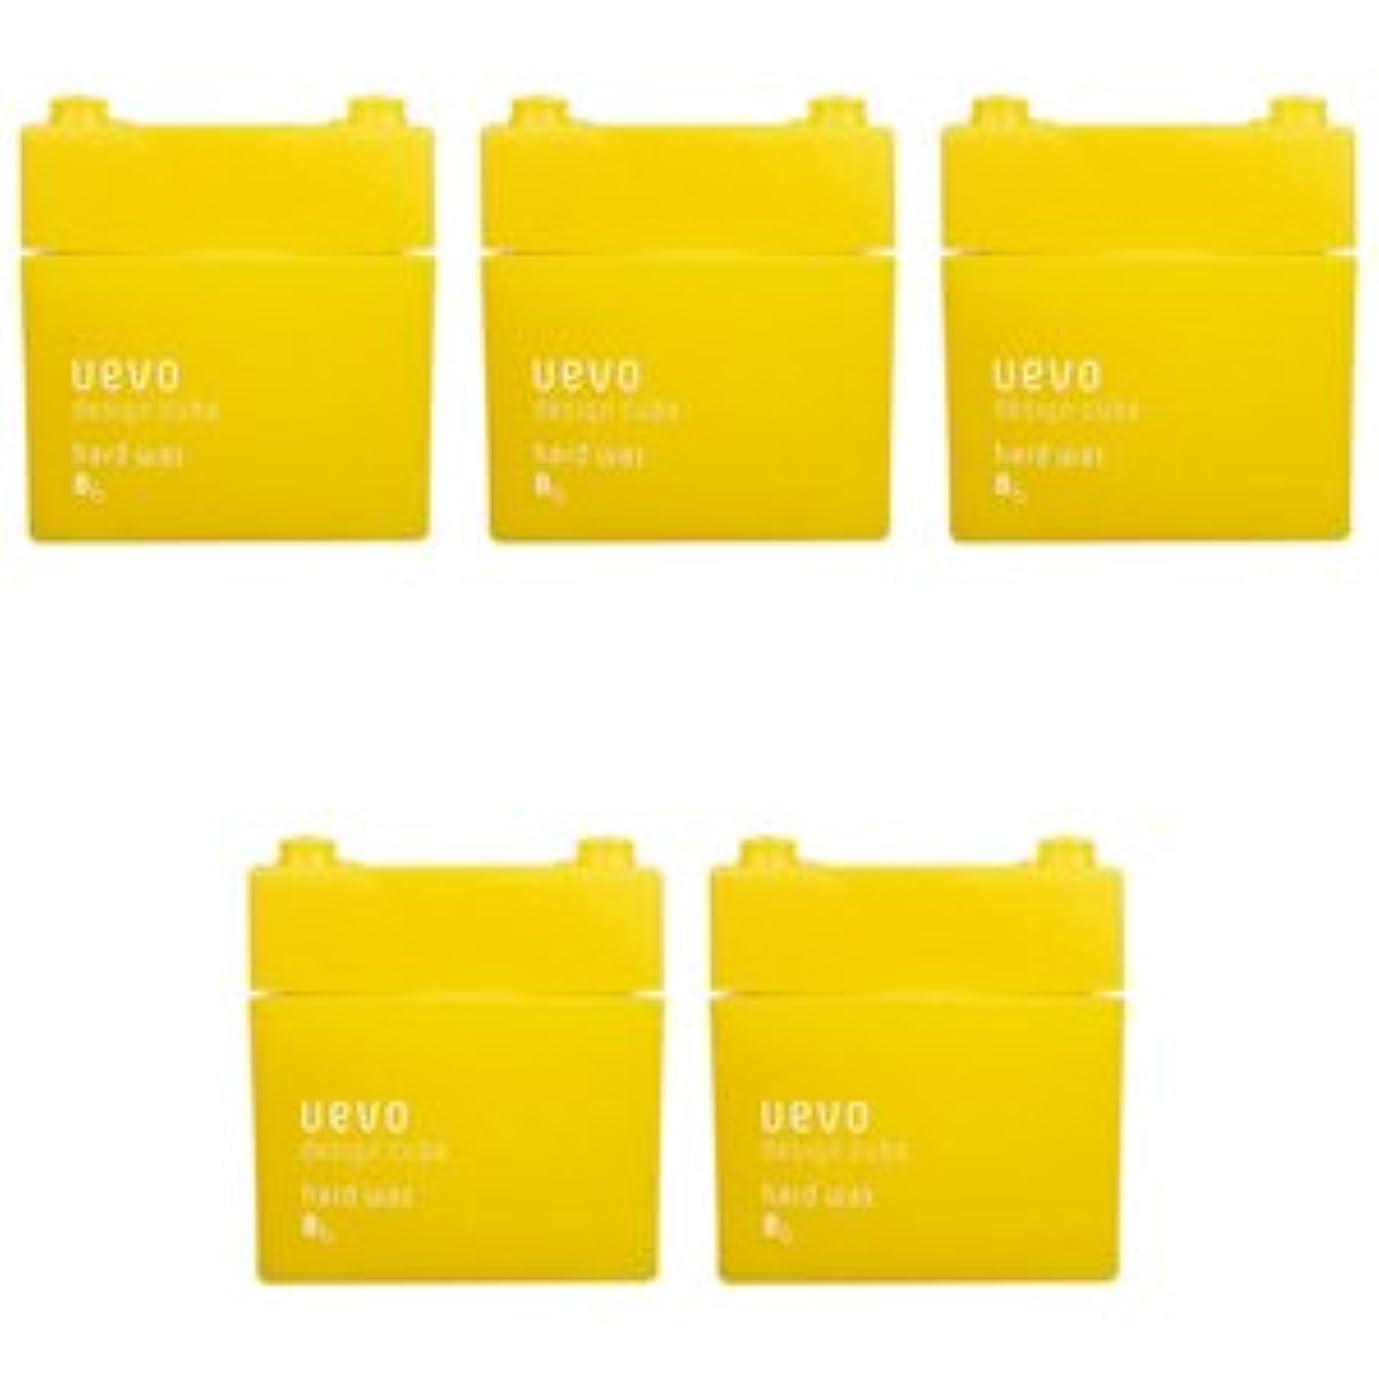 運命ゴールド超えて【X5個セット】 デミ ウェーボ デザインキューブ ハードワックス 80g hard wax DEMI uevo design cube